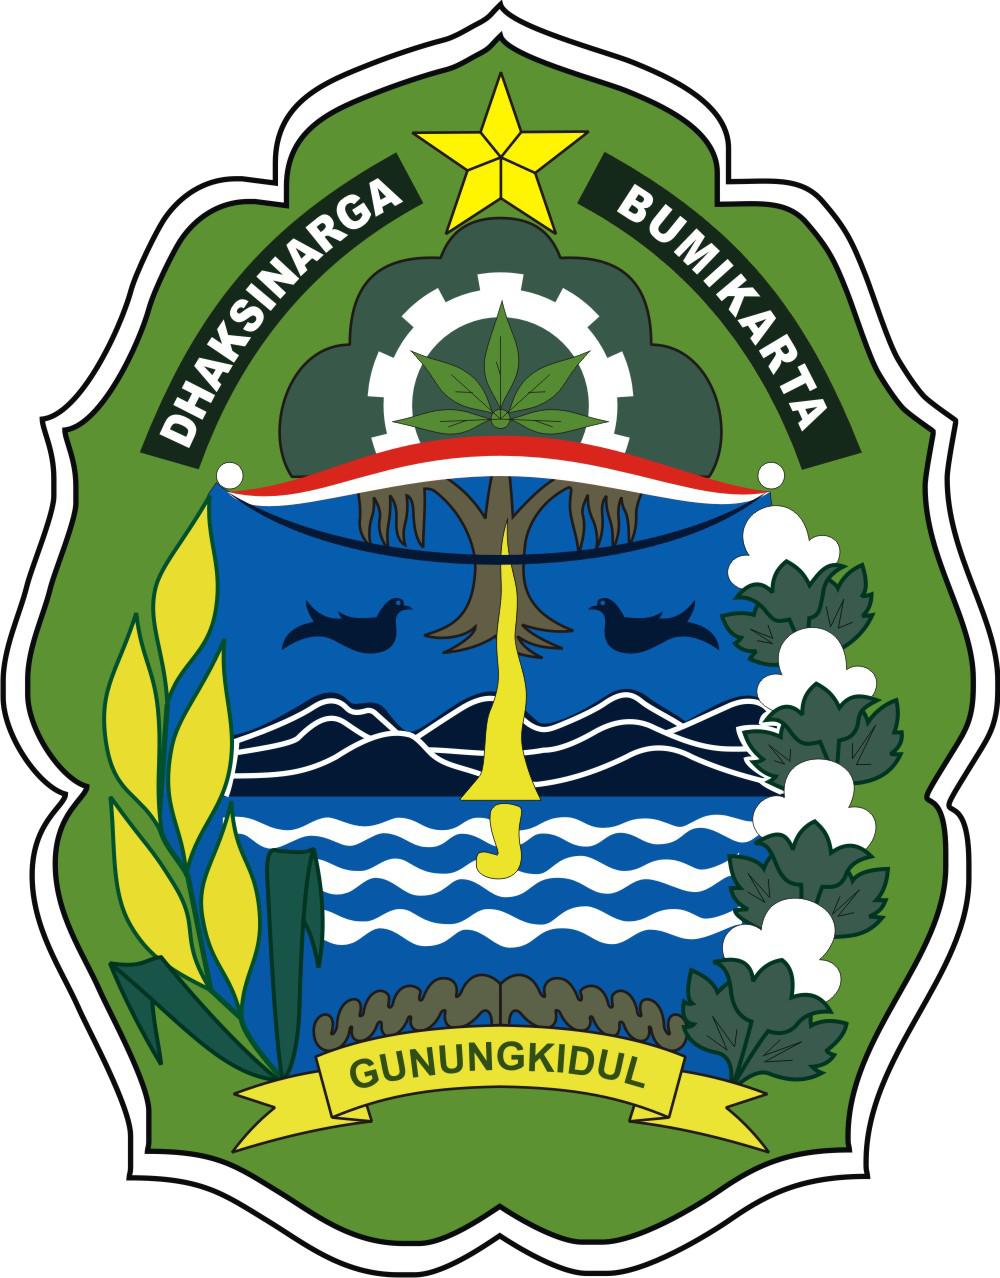 Gunungkidul Bappeda Logo Desa Hijau Gedangsari Kab